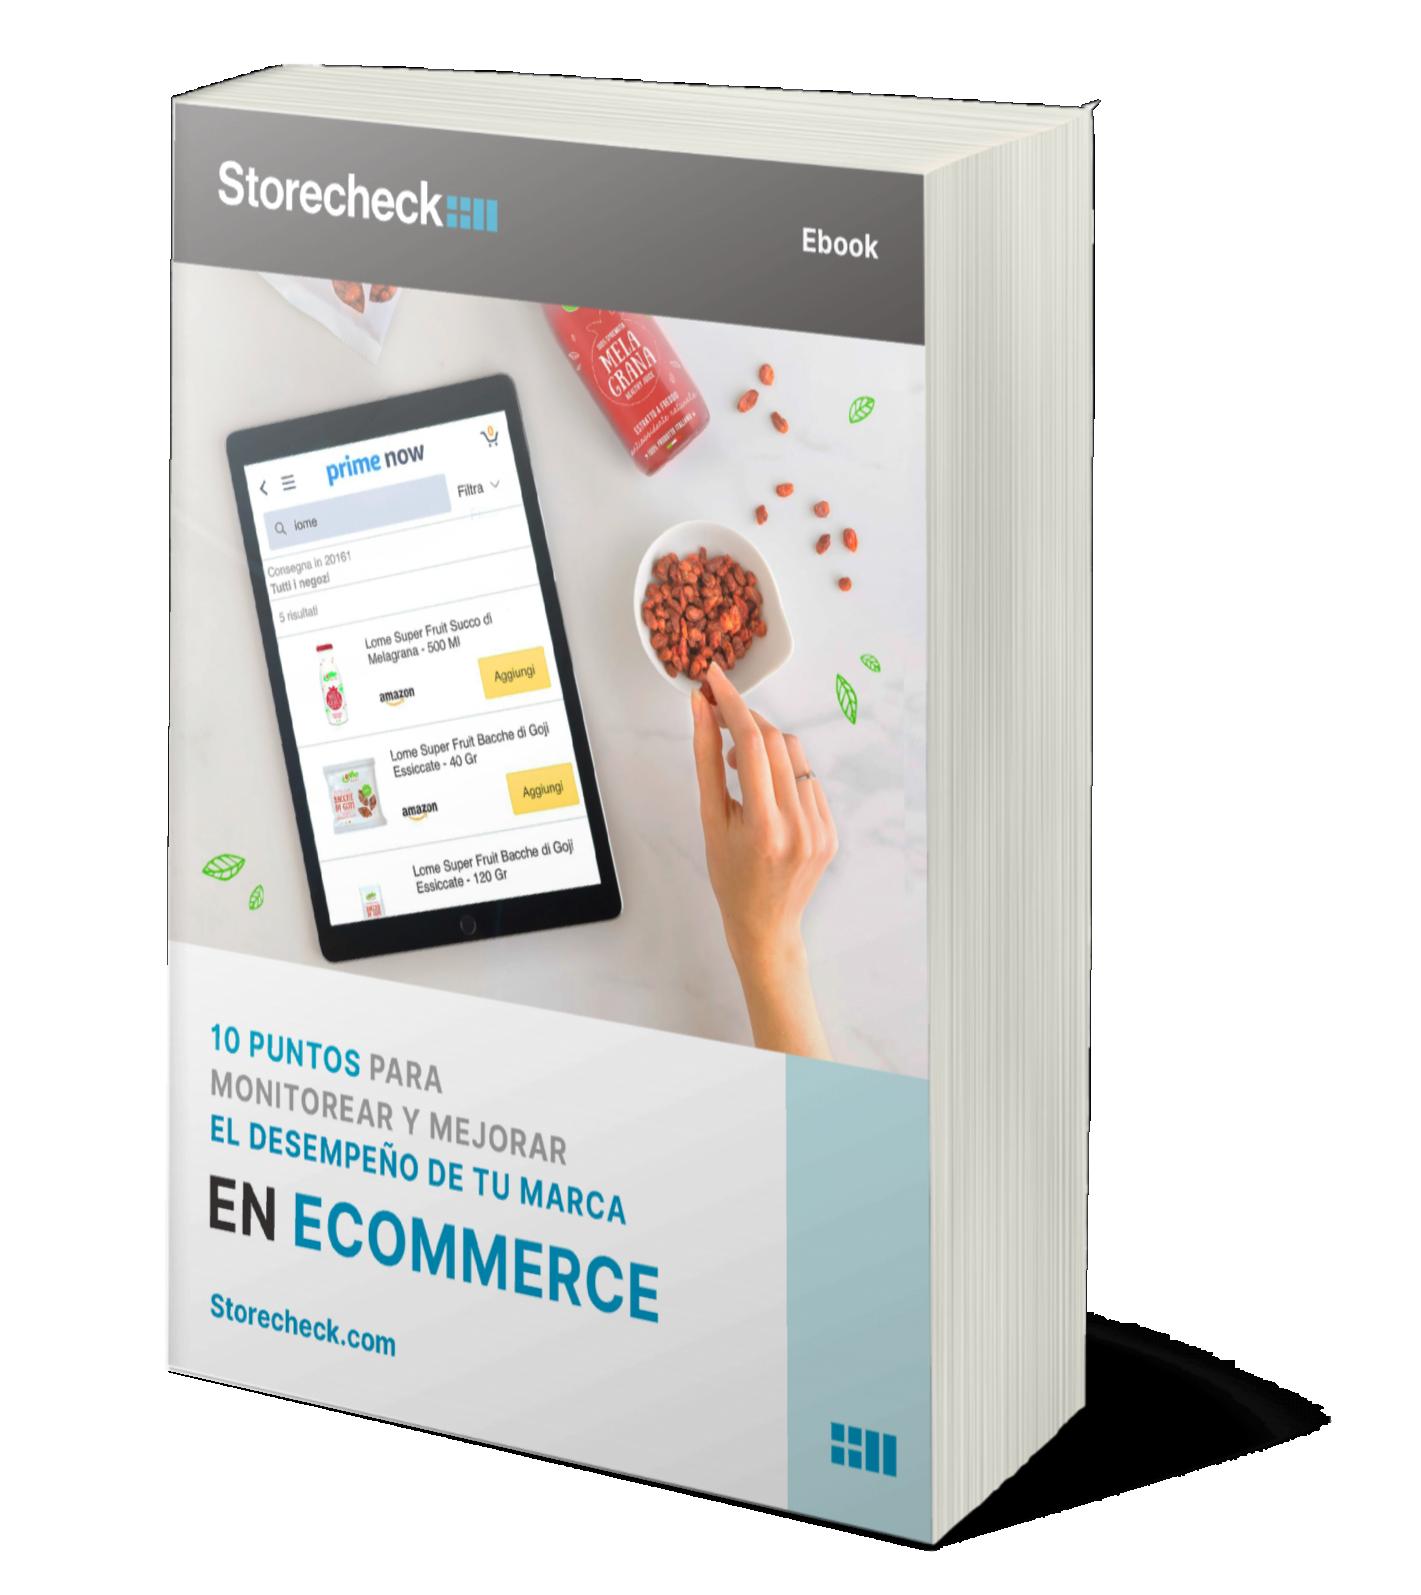 eboo-monitorear-ecommerce